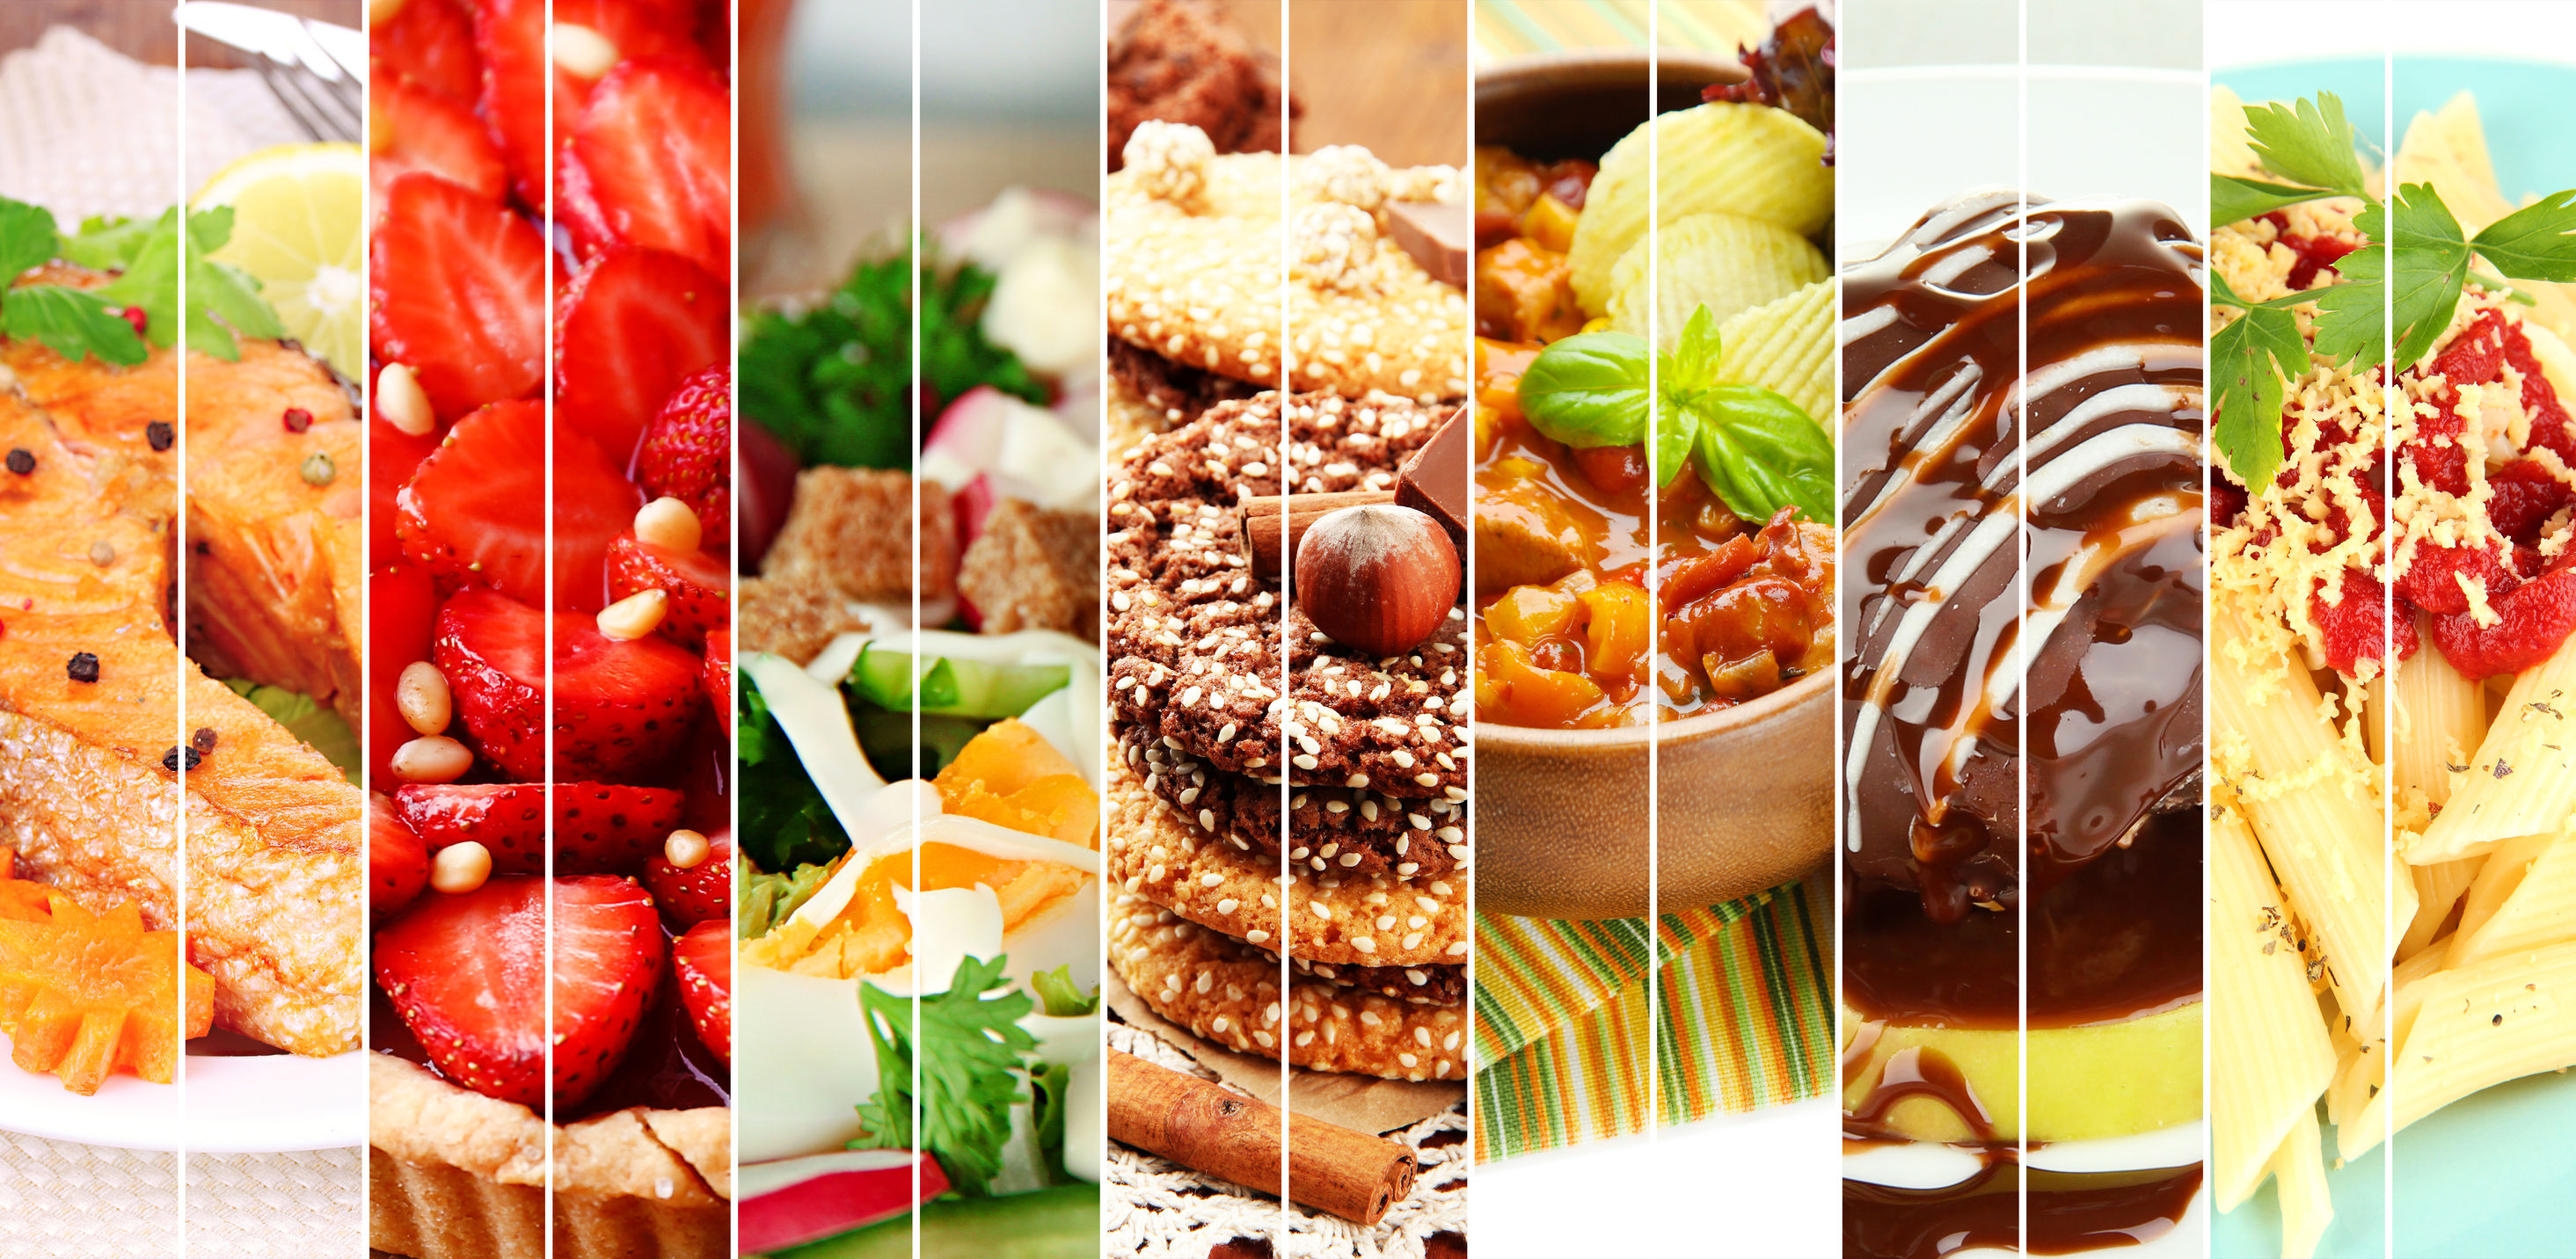 cibi sani e salutari per perdere peso